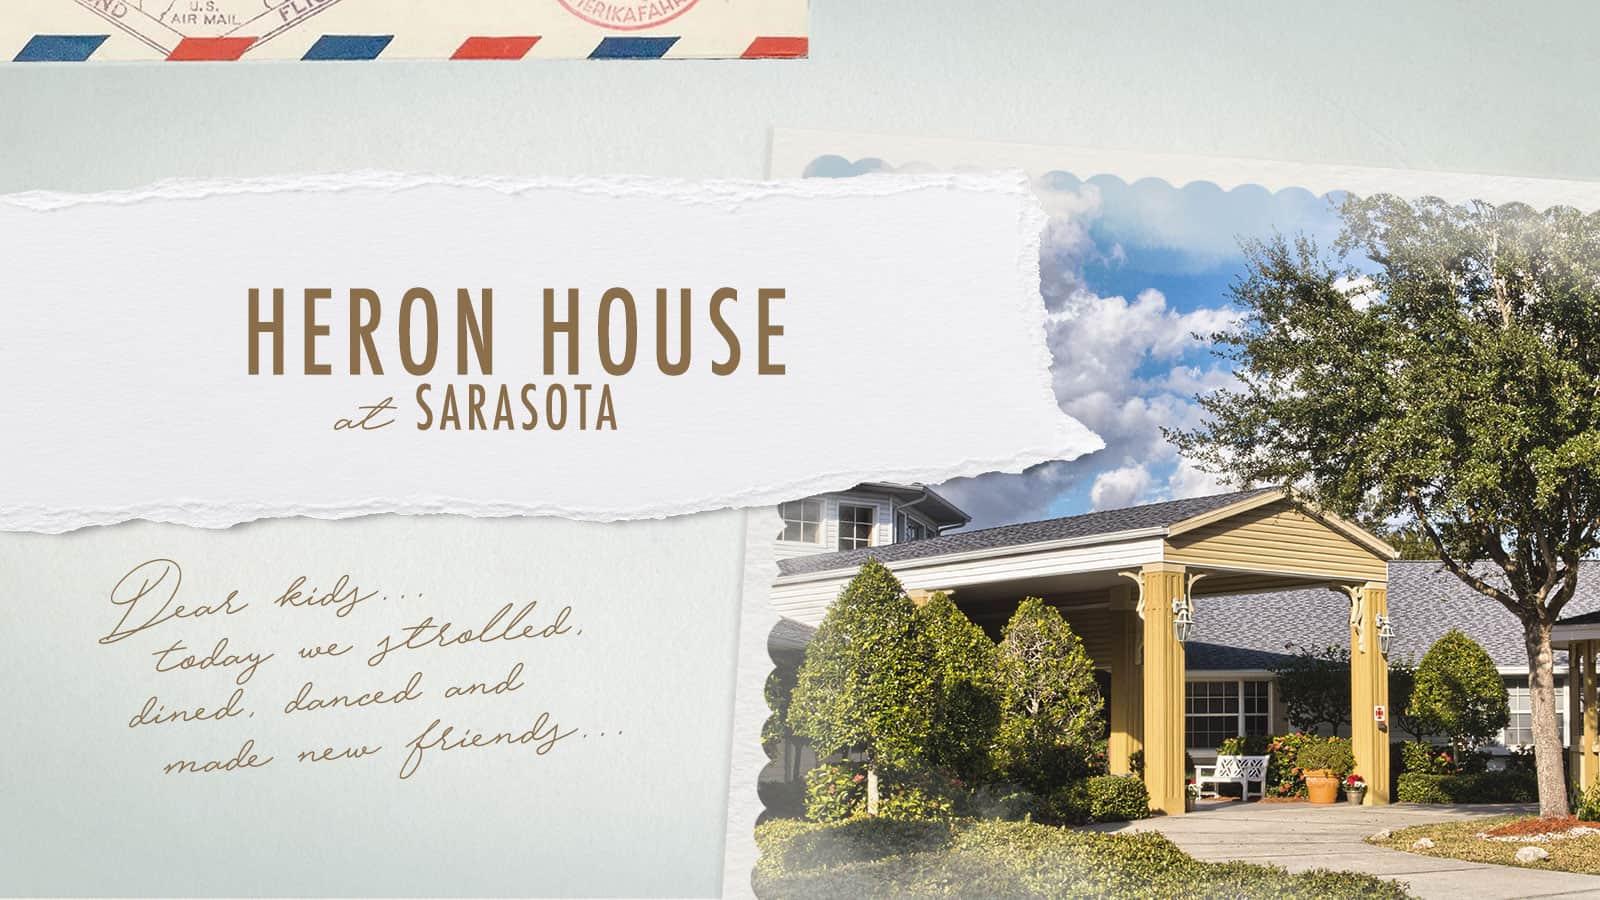 Heron House Sarasota Florida